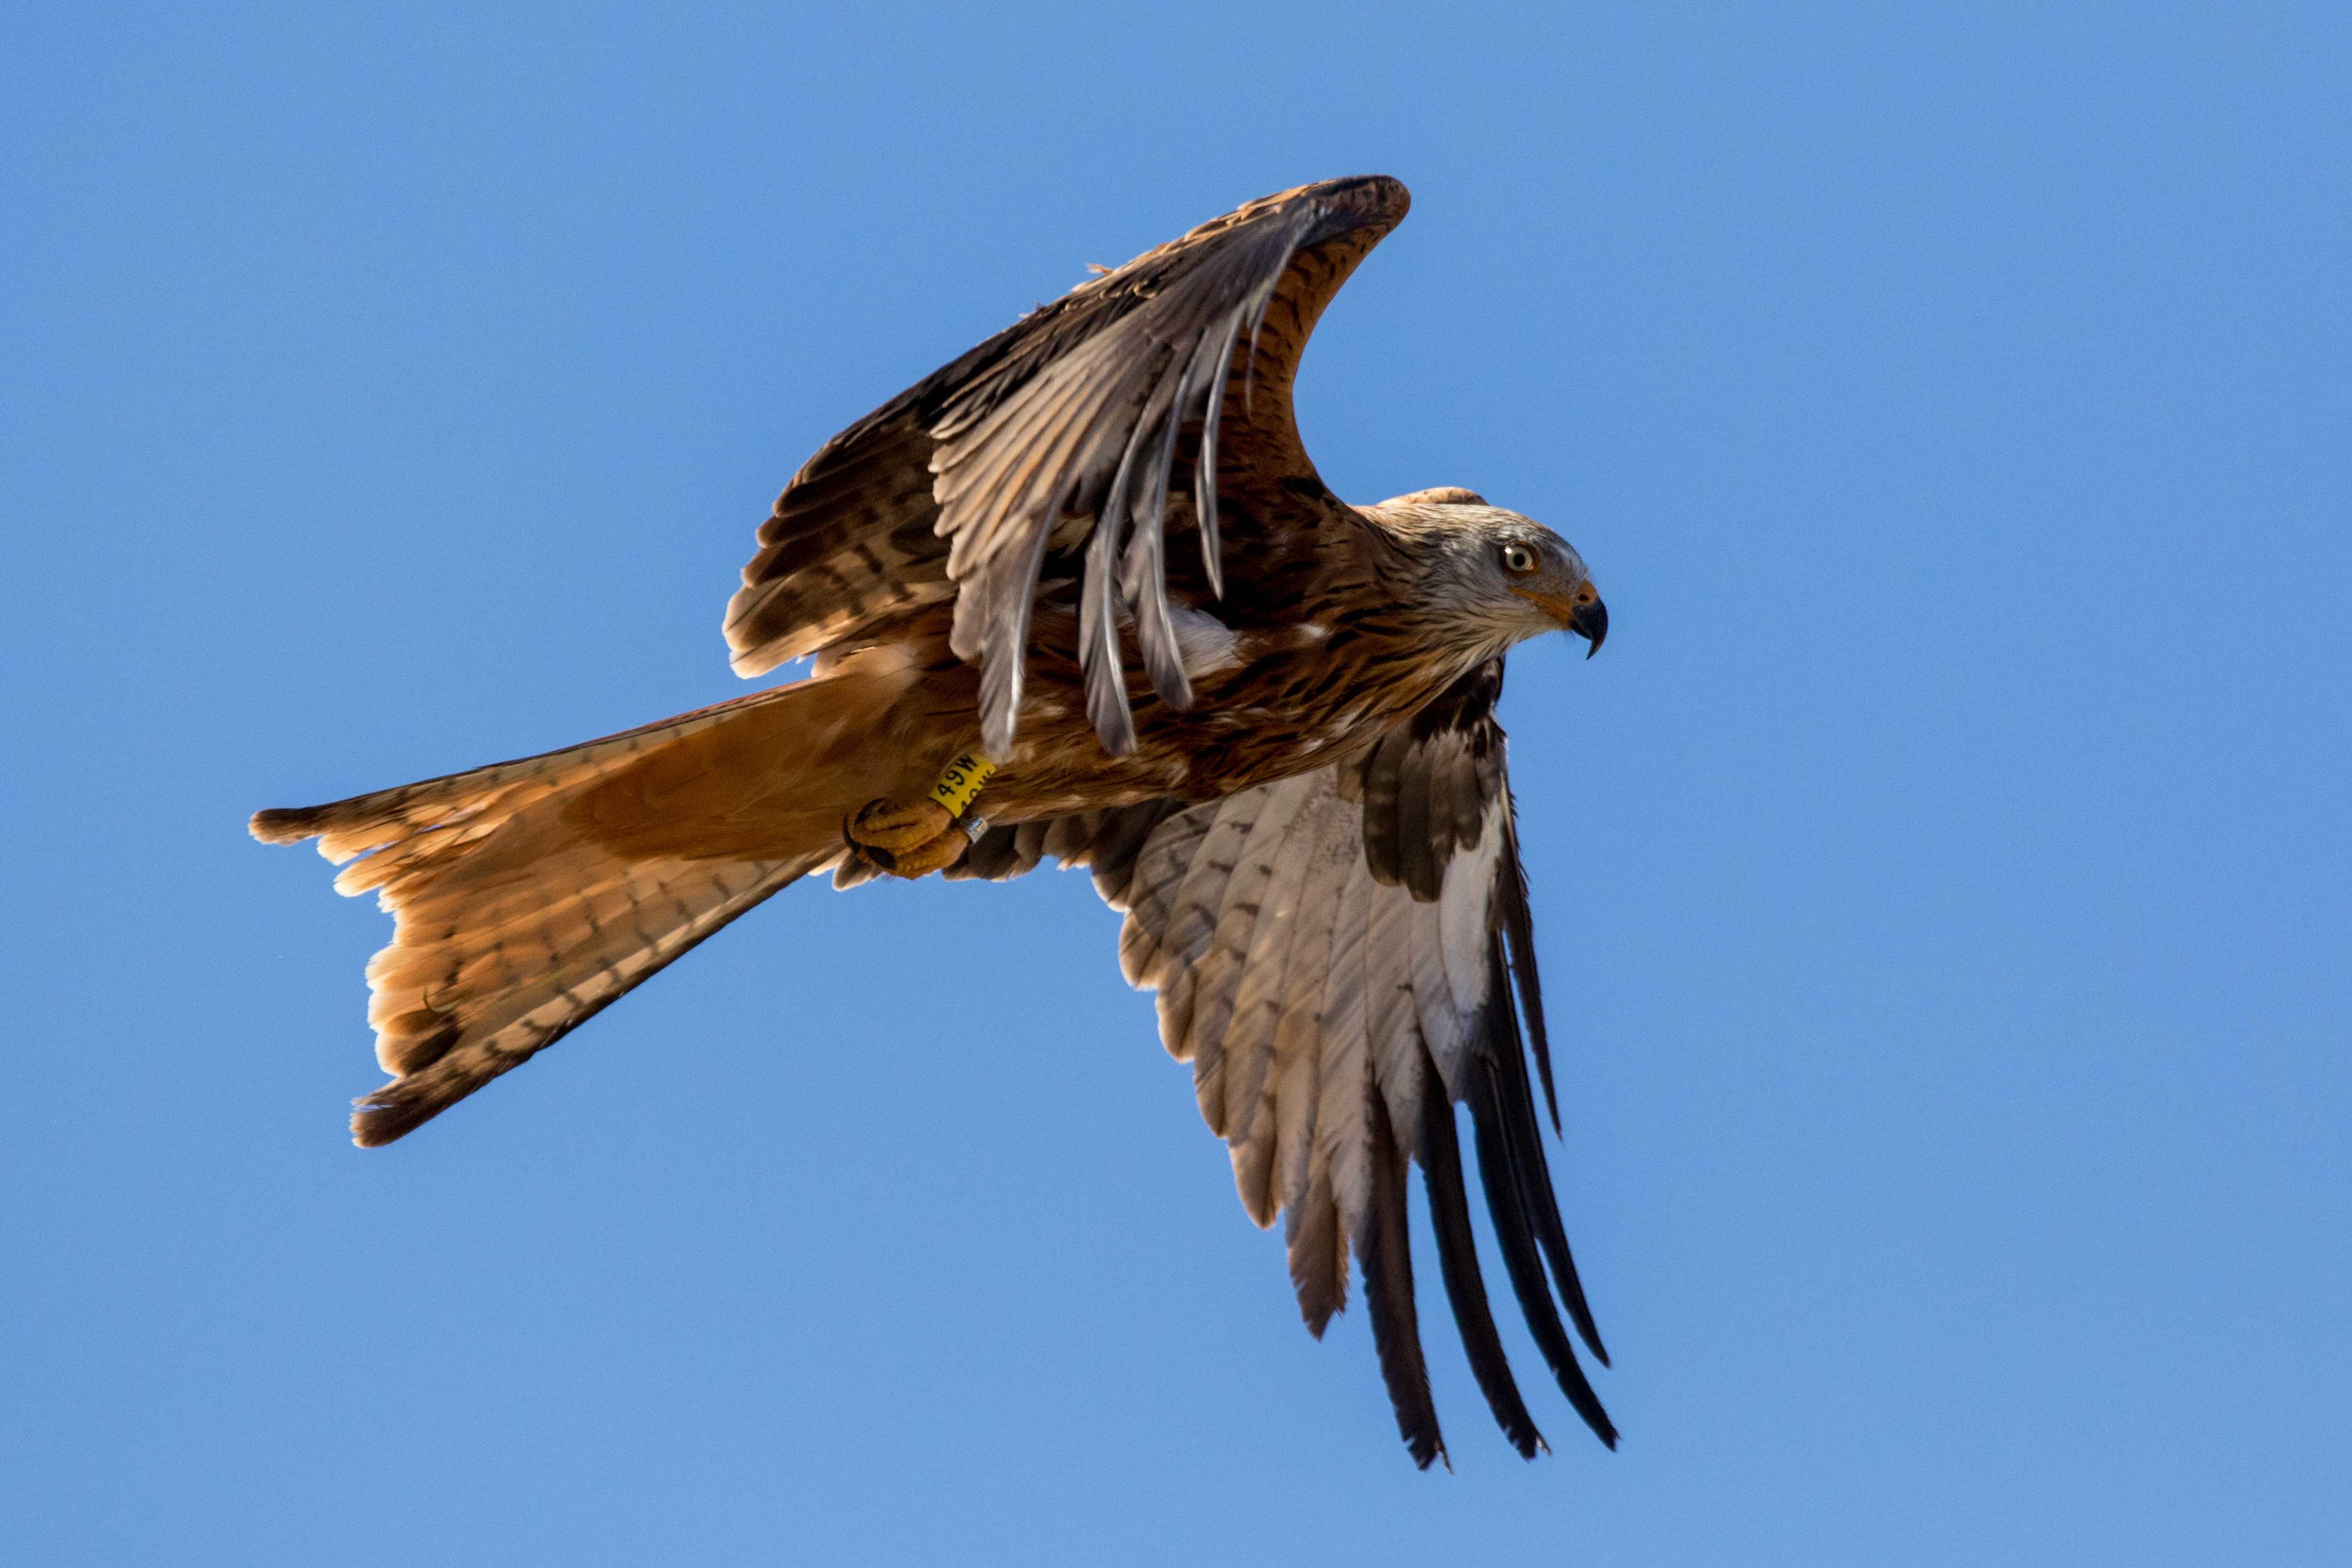 Un milano real alza el vuelo tras ser liberado en el Parque Natural de Cazorla. Imagen: Grefa